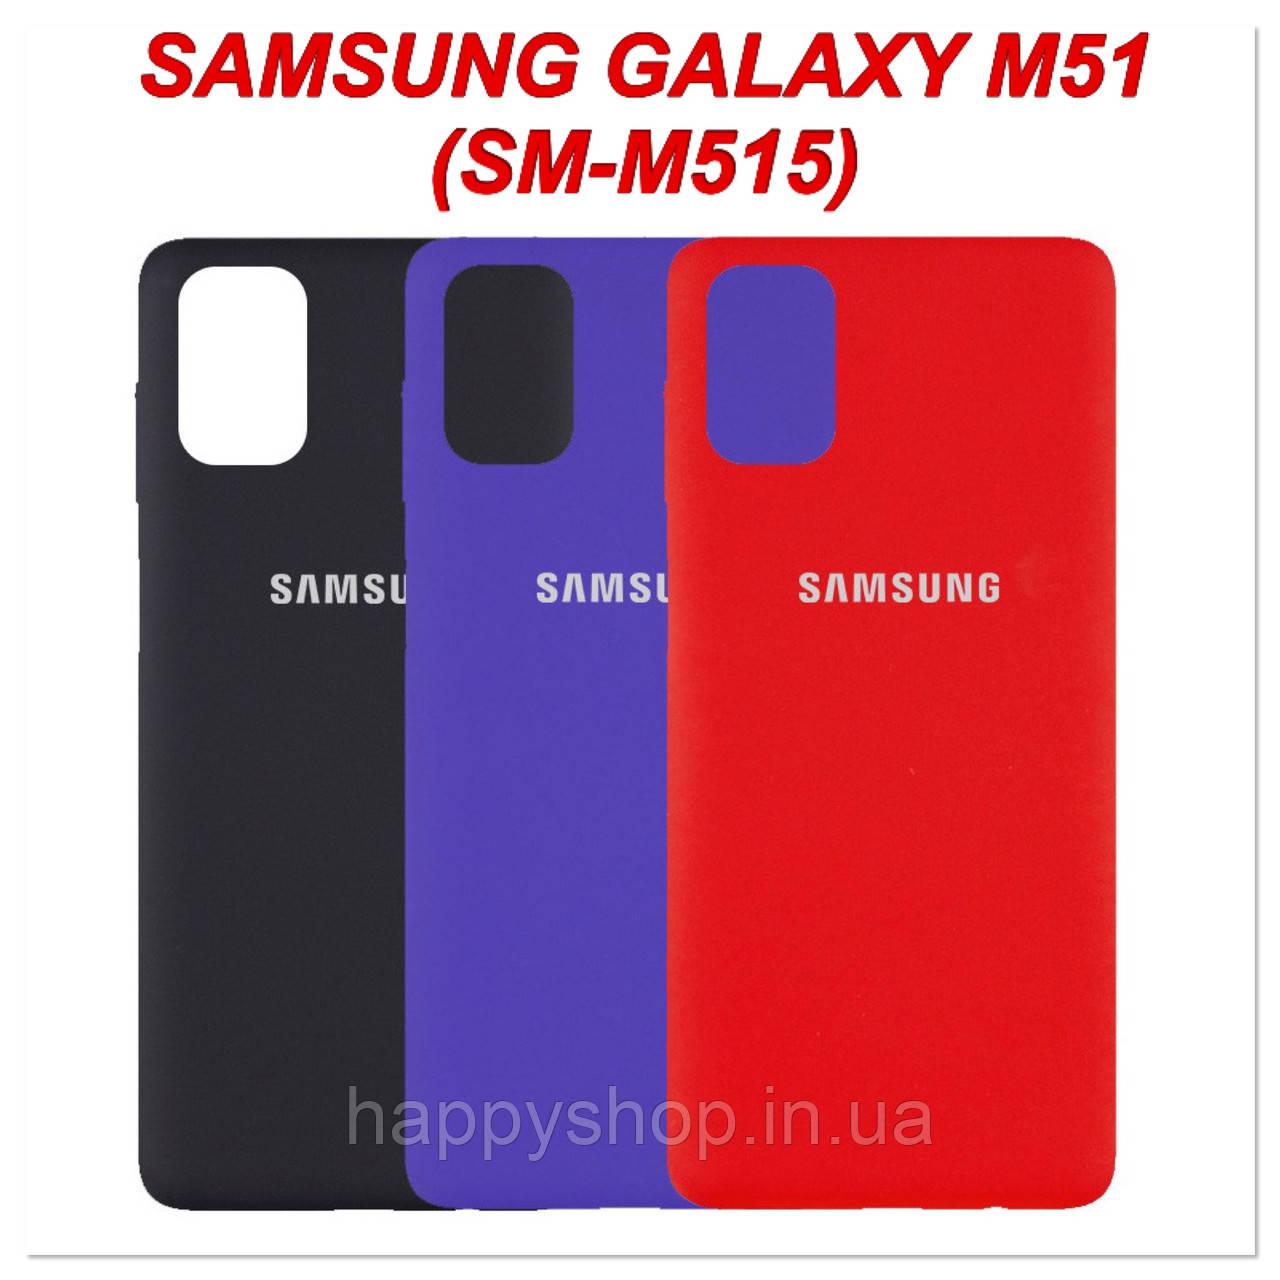 Оригинальный чехол для Samsung Galaxy M51 (SM-M515)